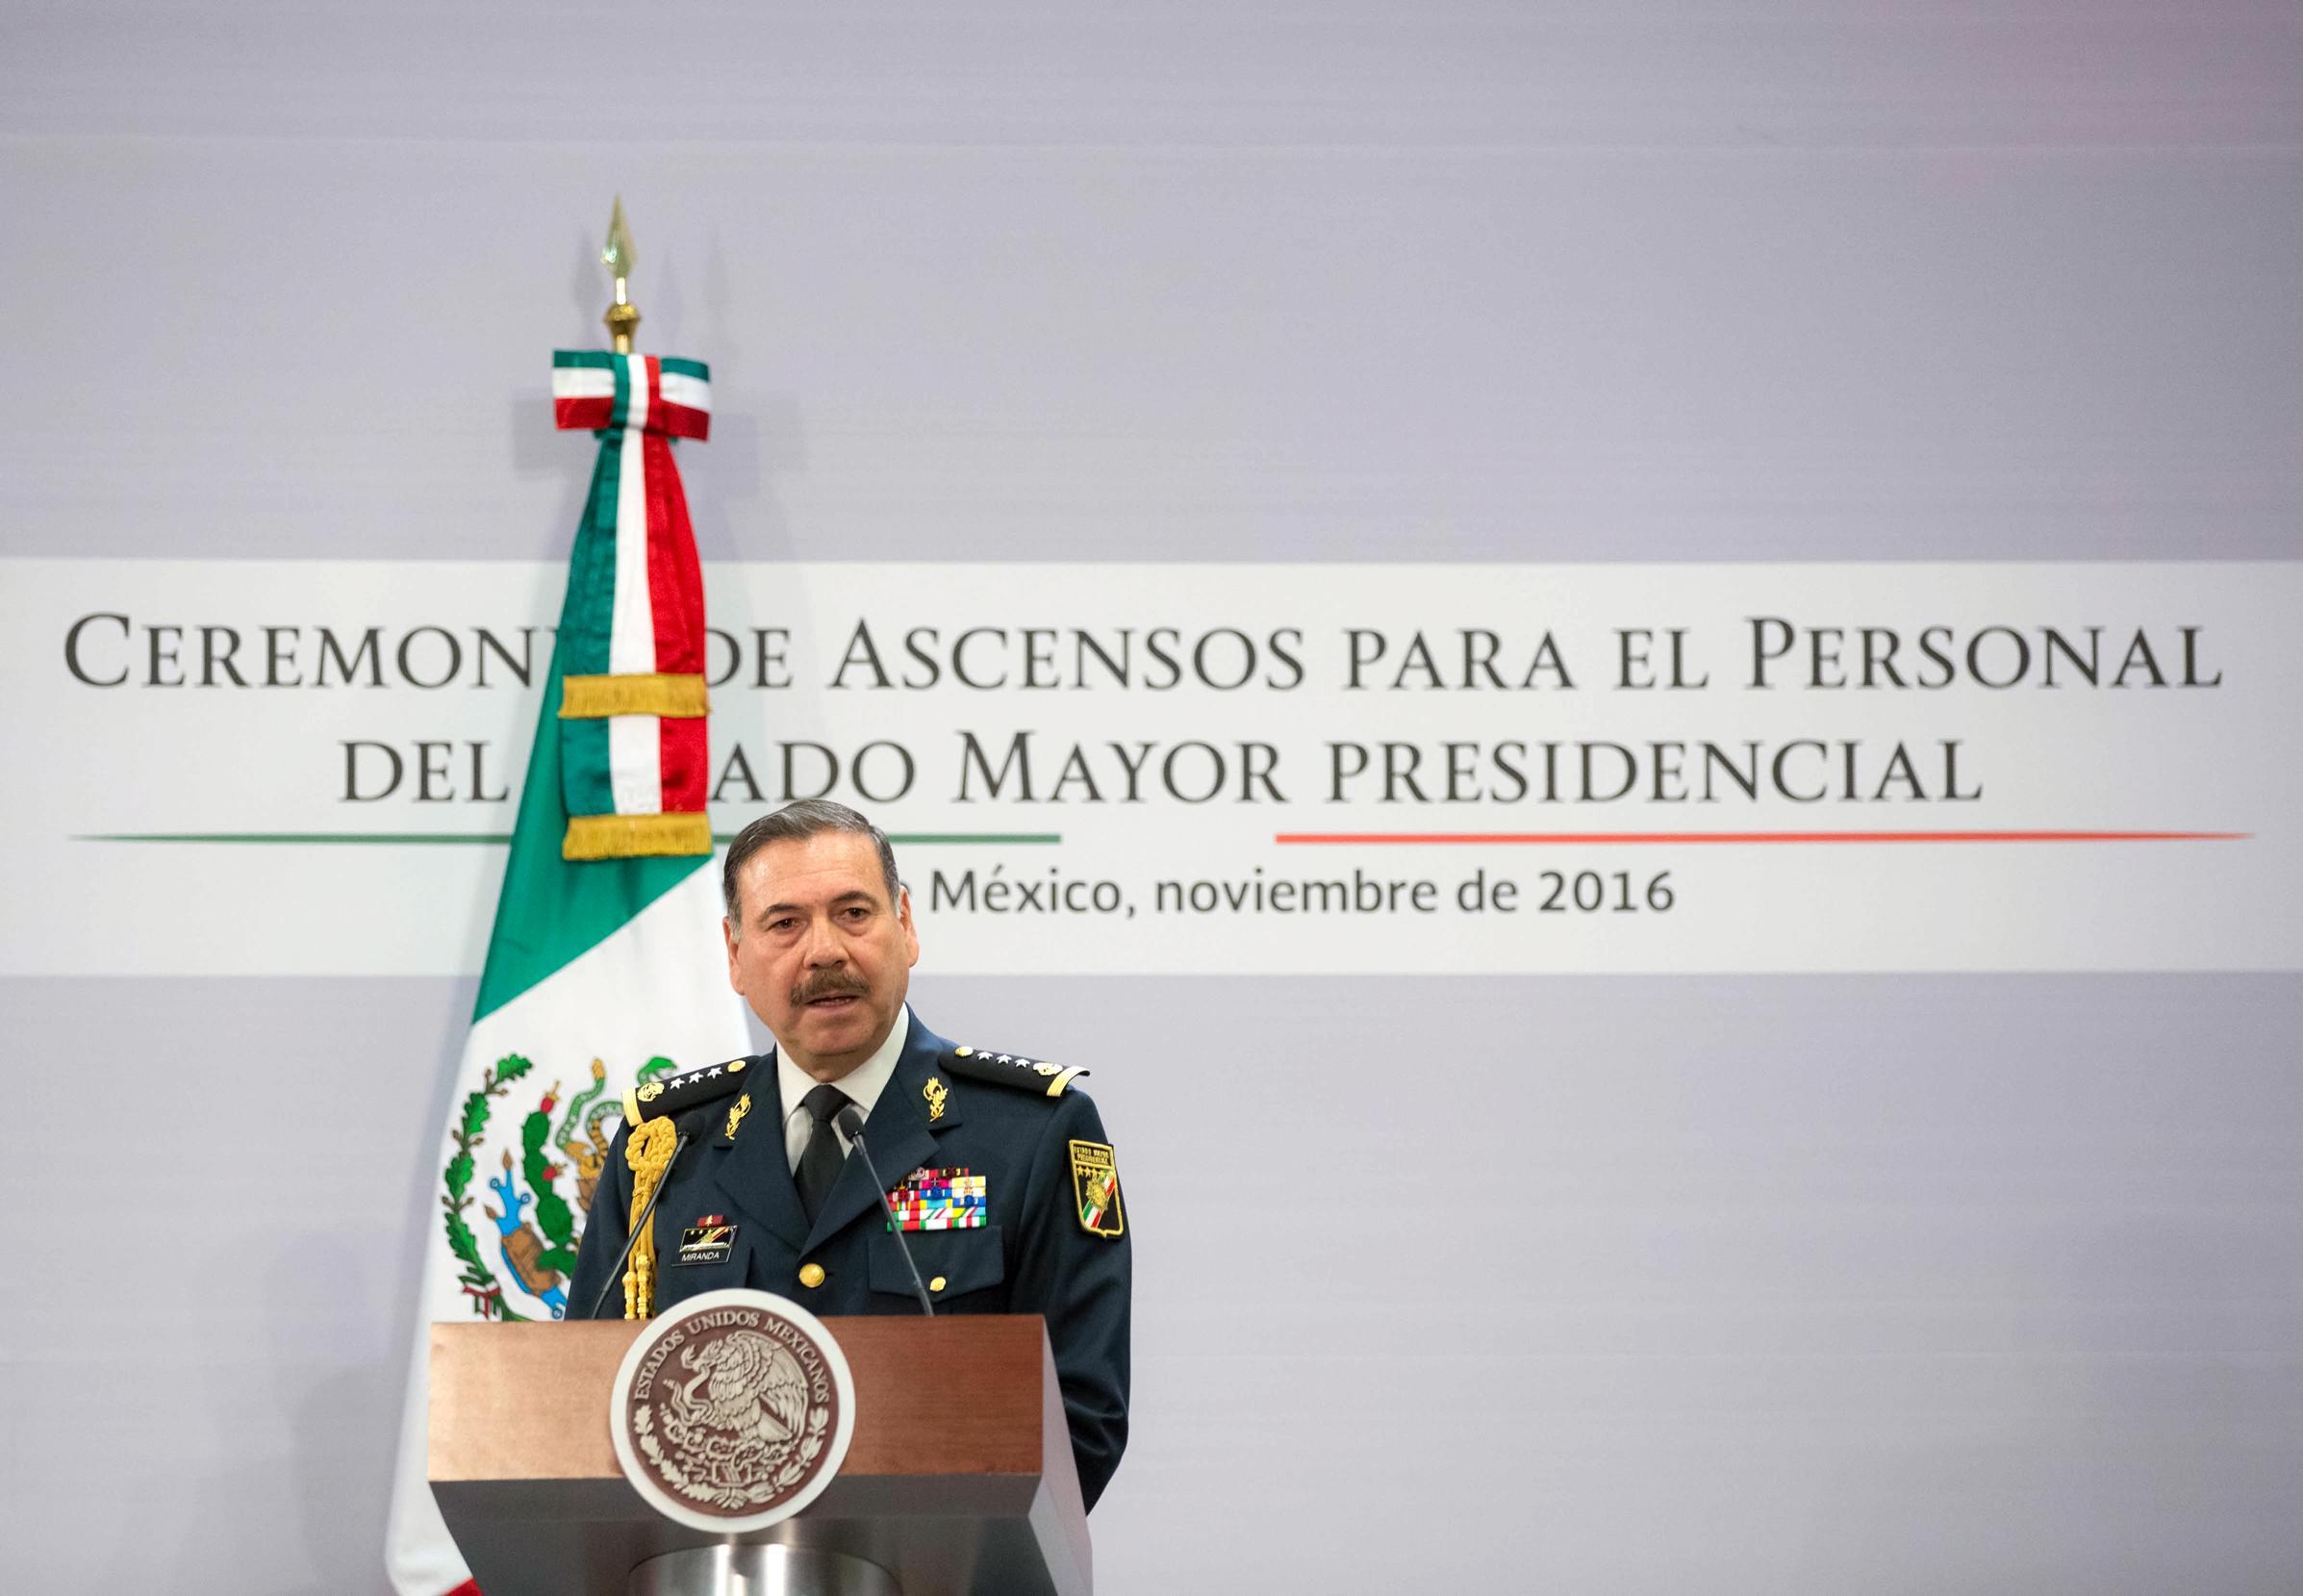 ... la Ceremonia de Ascensos del Personal del Estado Mayor Presidencial